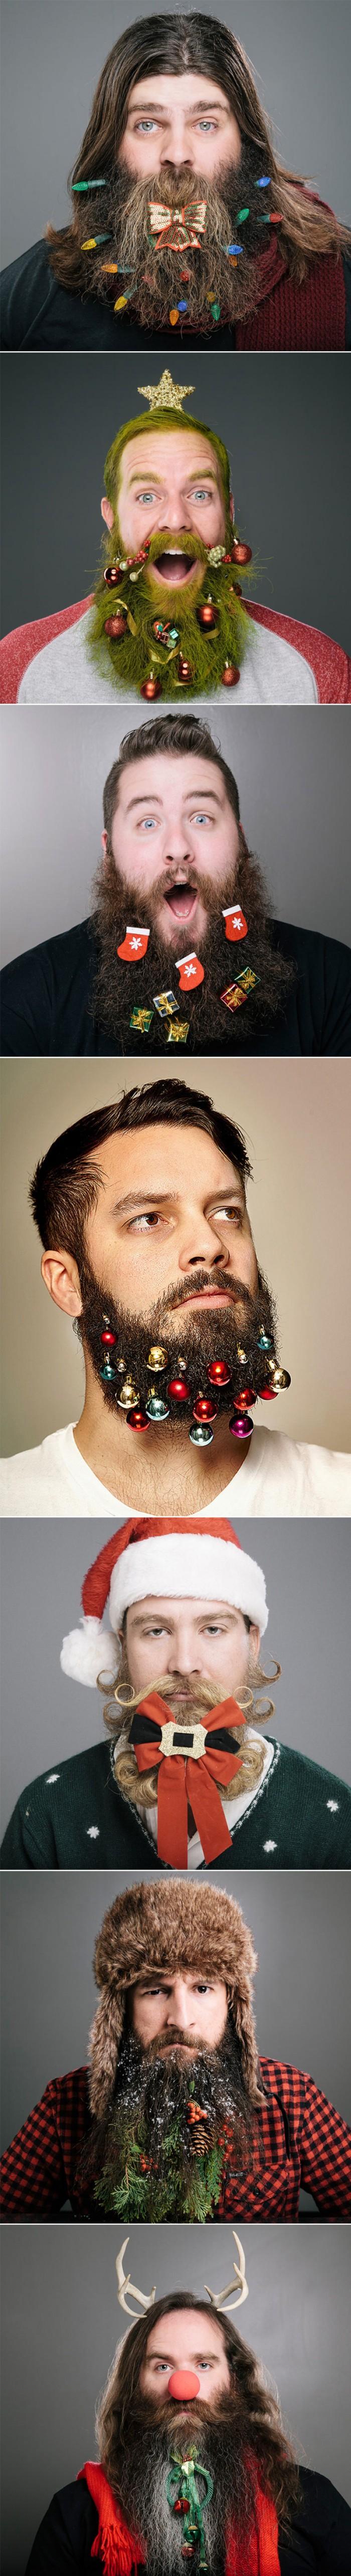 How to make your beard more seasonal